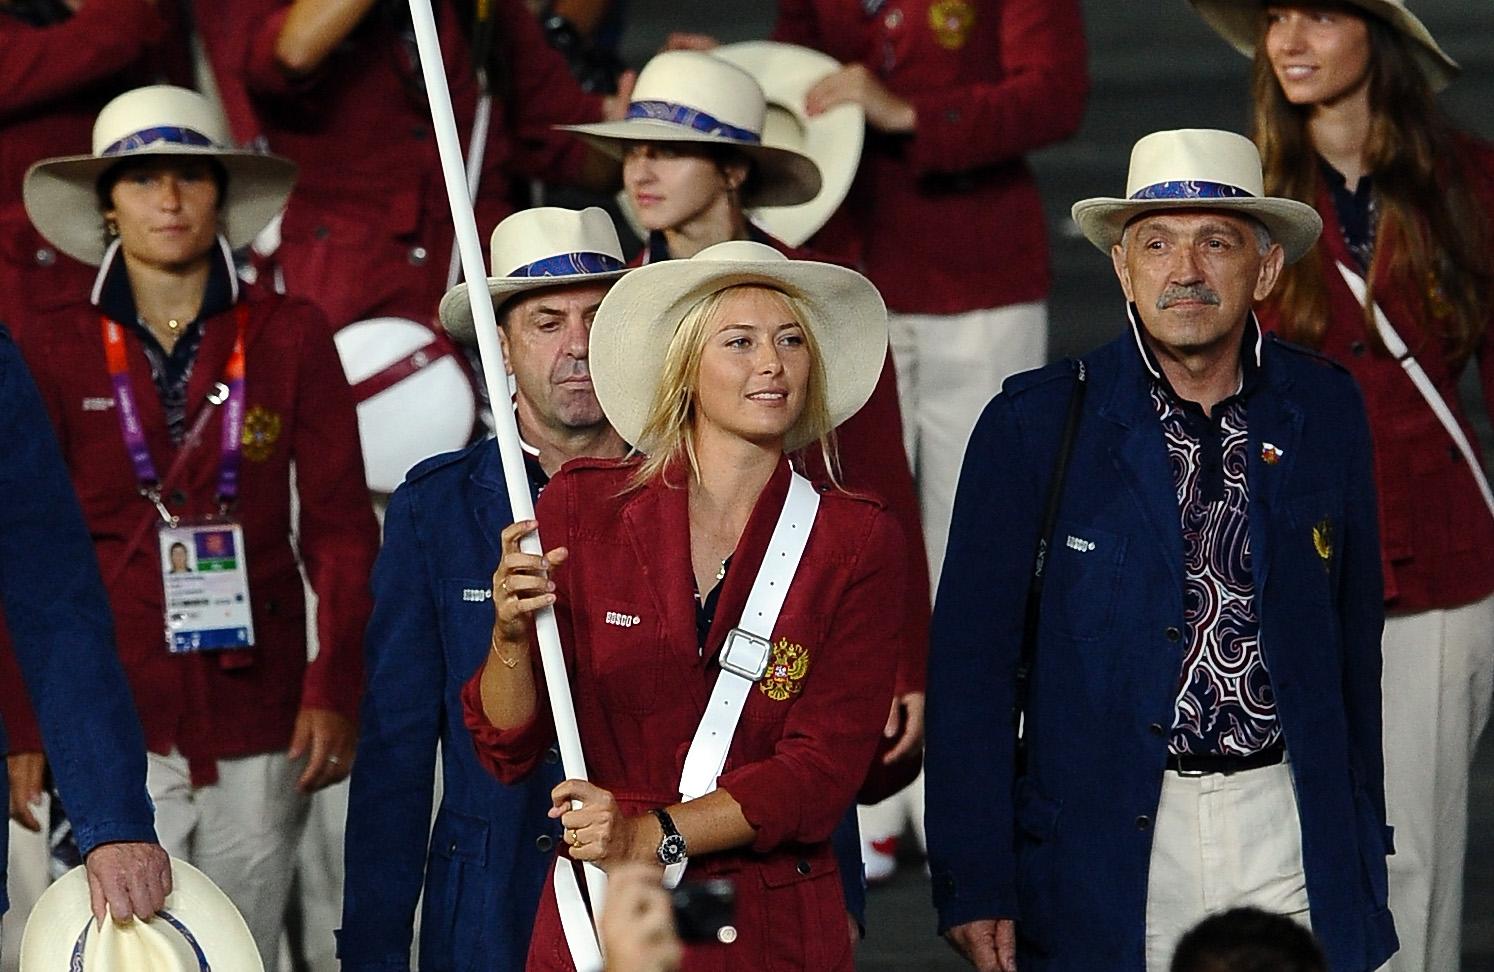 http://3.bp.blogspot.com/-RVzSu9OIpaw/UBZ8yzjoNHI/AAAAAAAAuIY/IGIgf7yhaaU/s1600/MSharapova+Olympic+Opening+Ceremony.jpg